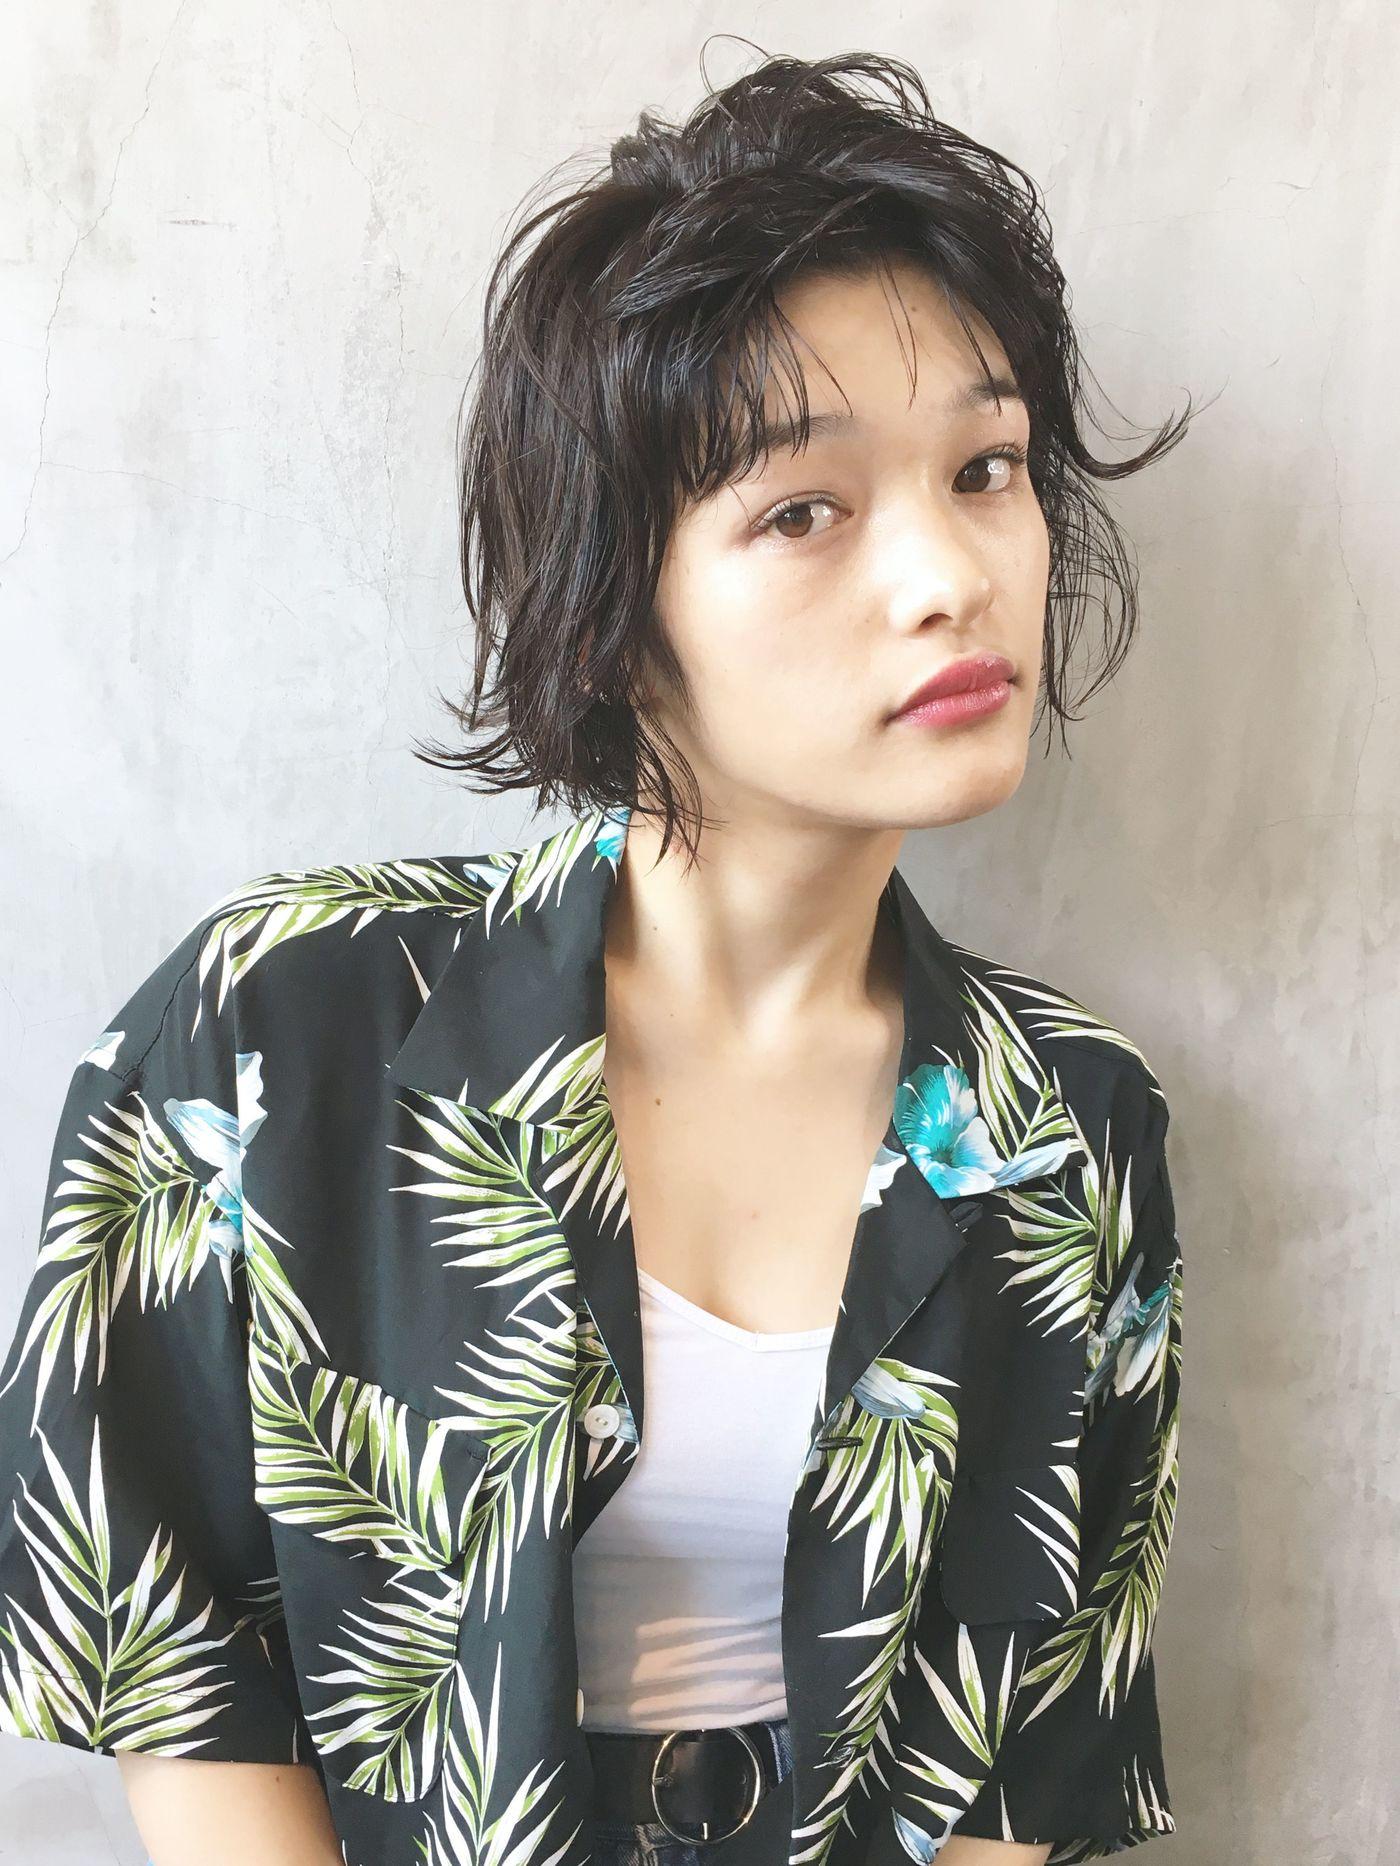 アルバム  ハラジュク エス【ALBUM HARAJUKU_S】が投稿した画像